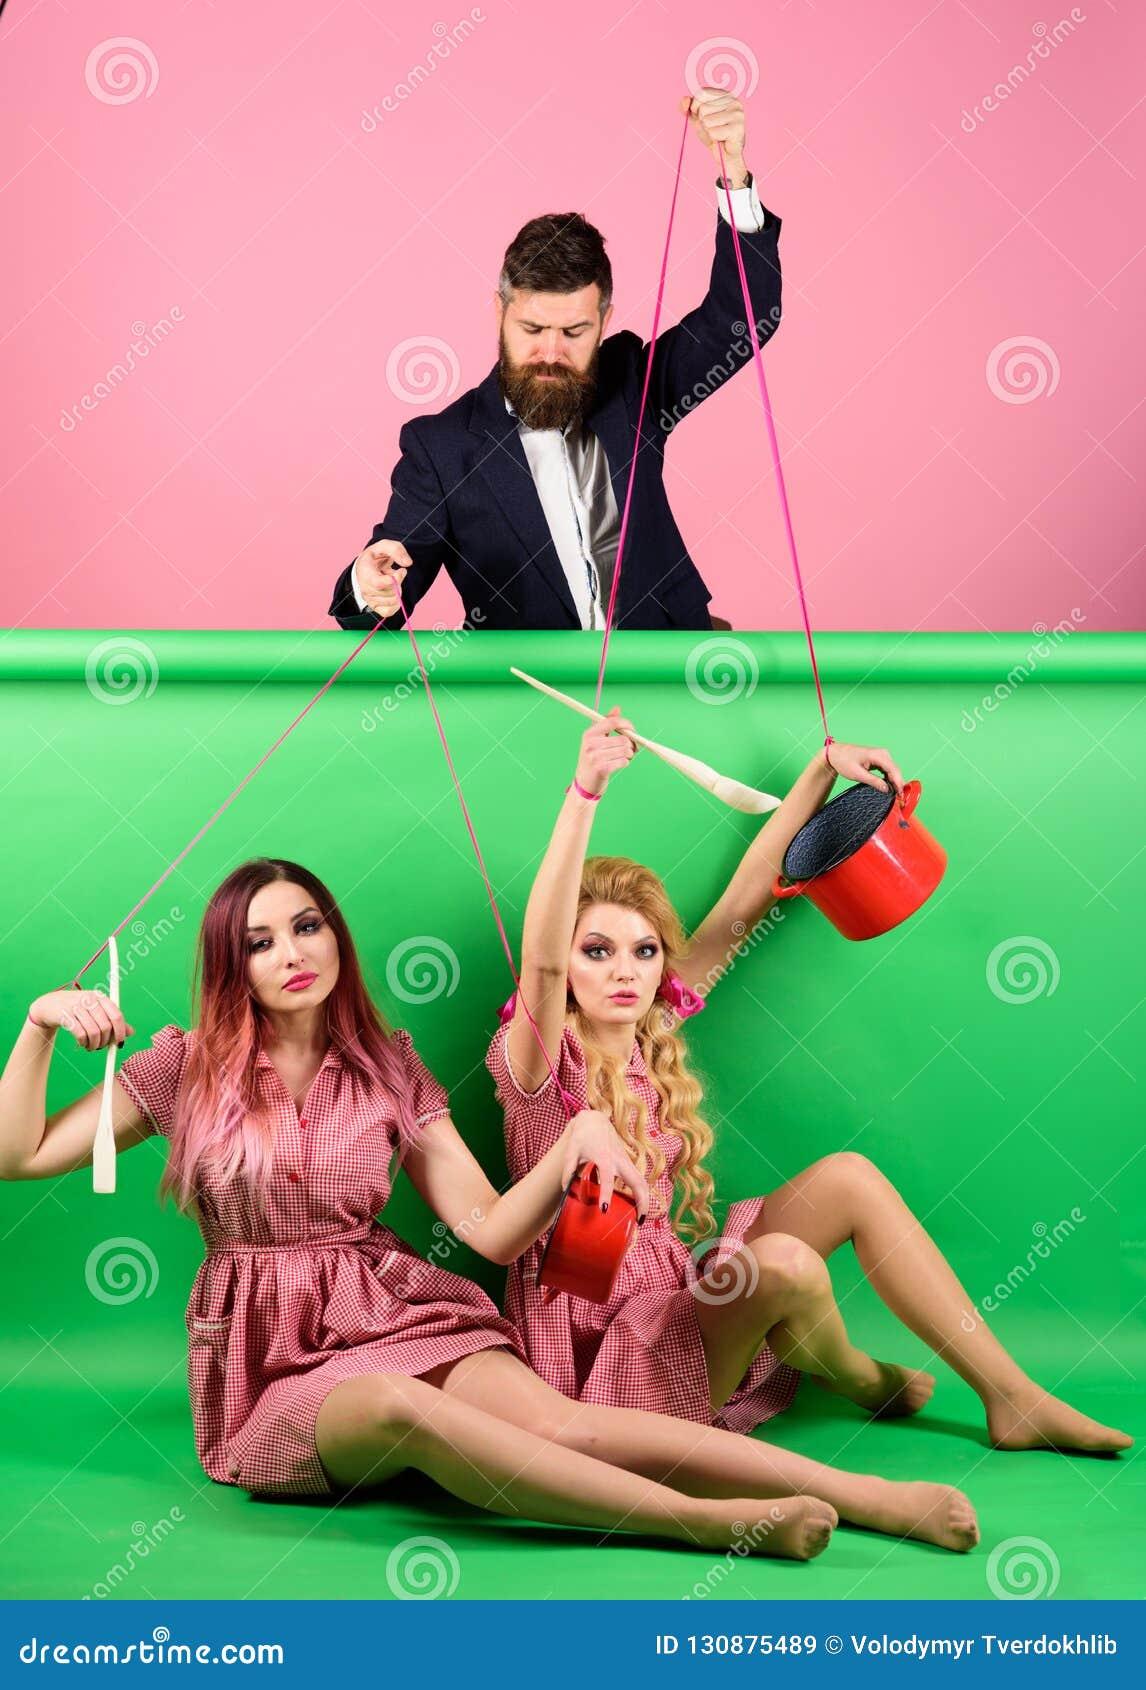 Ferier och docka herravälde och beroende Hemmafru idérik idé Förälskelse Retro flickor och förlage på partiet Tappning